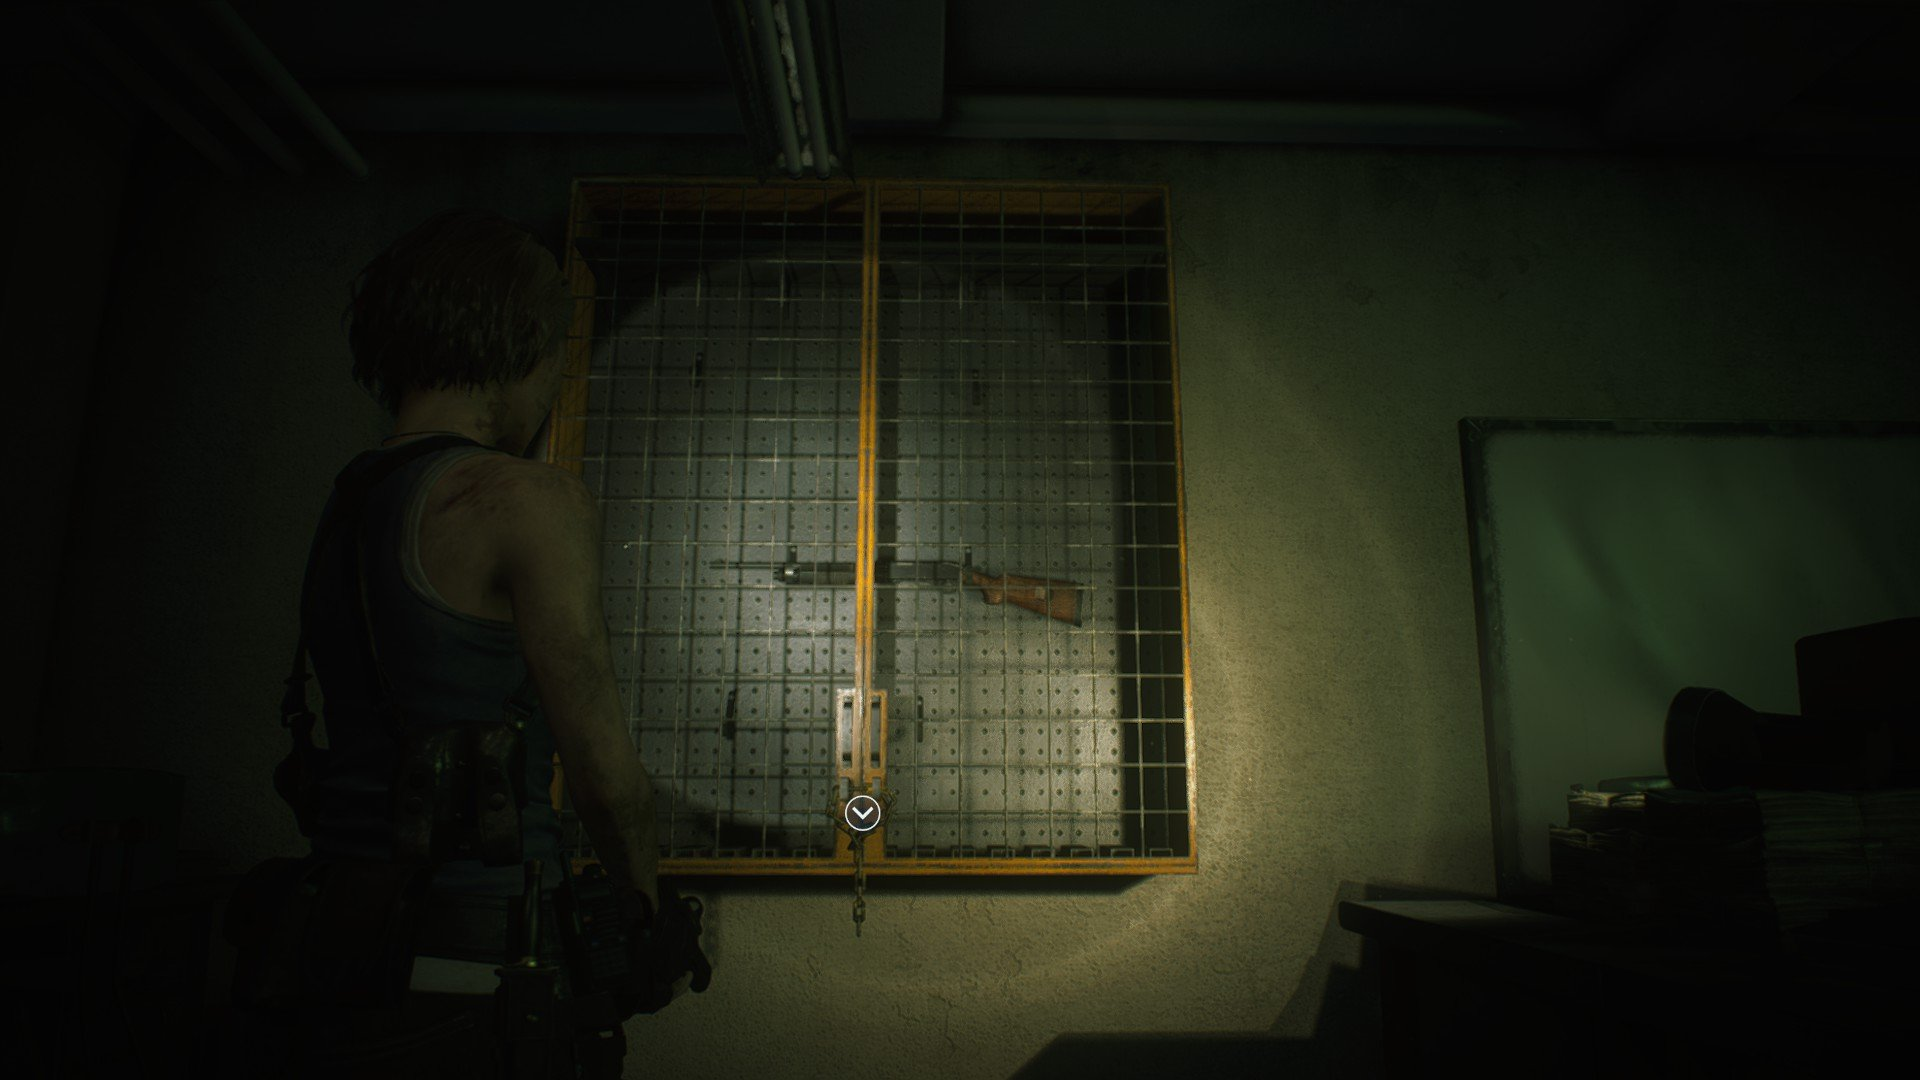 Get the shotgun resident evil 3